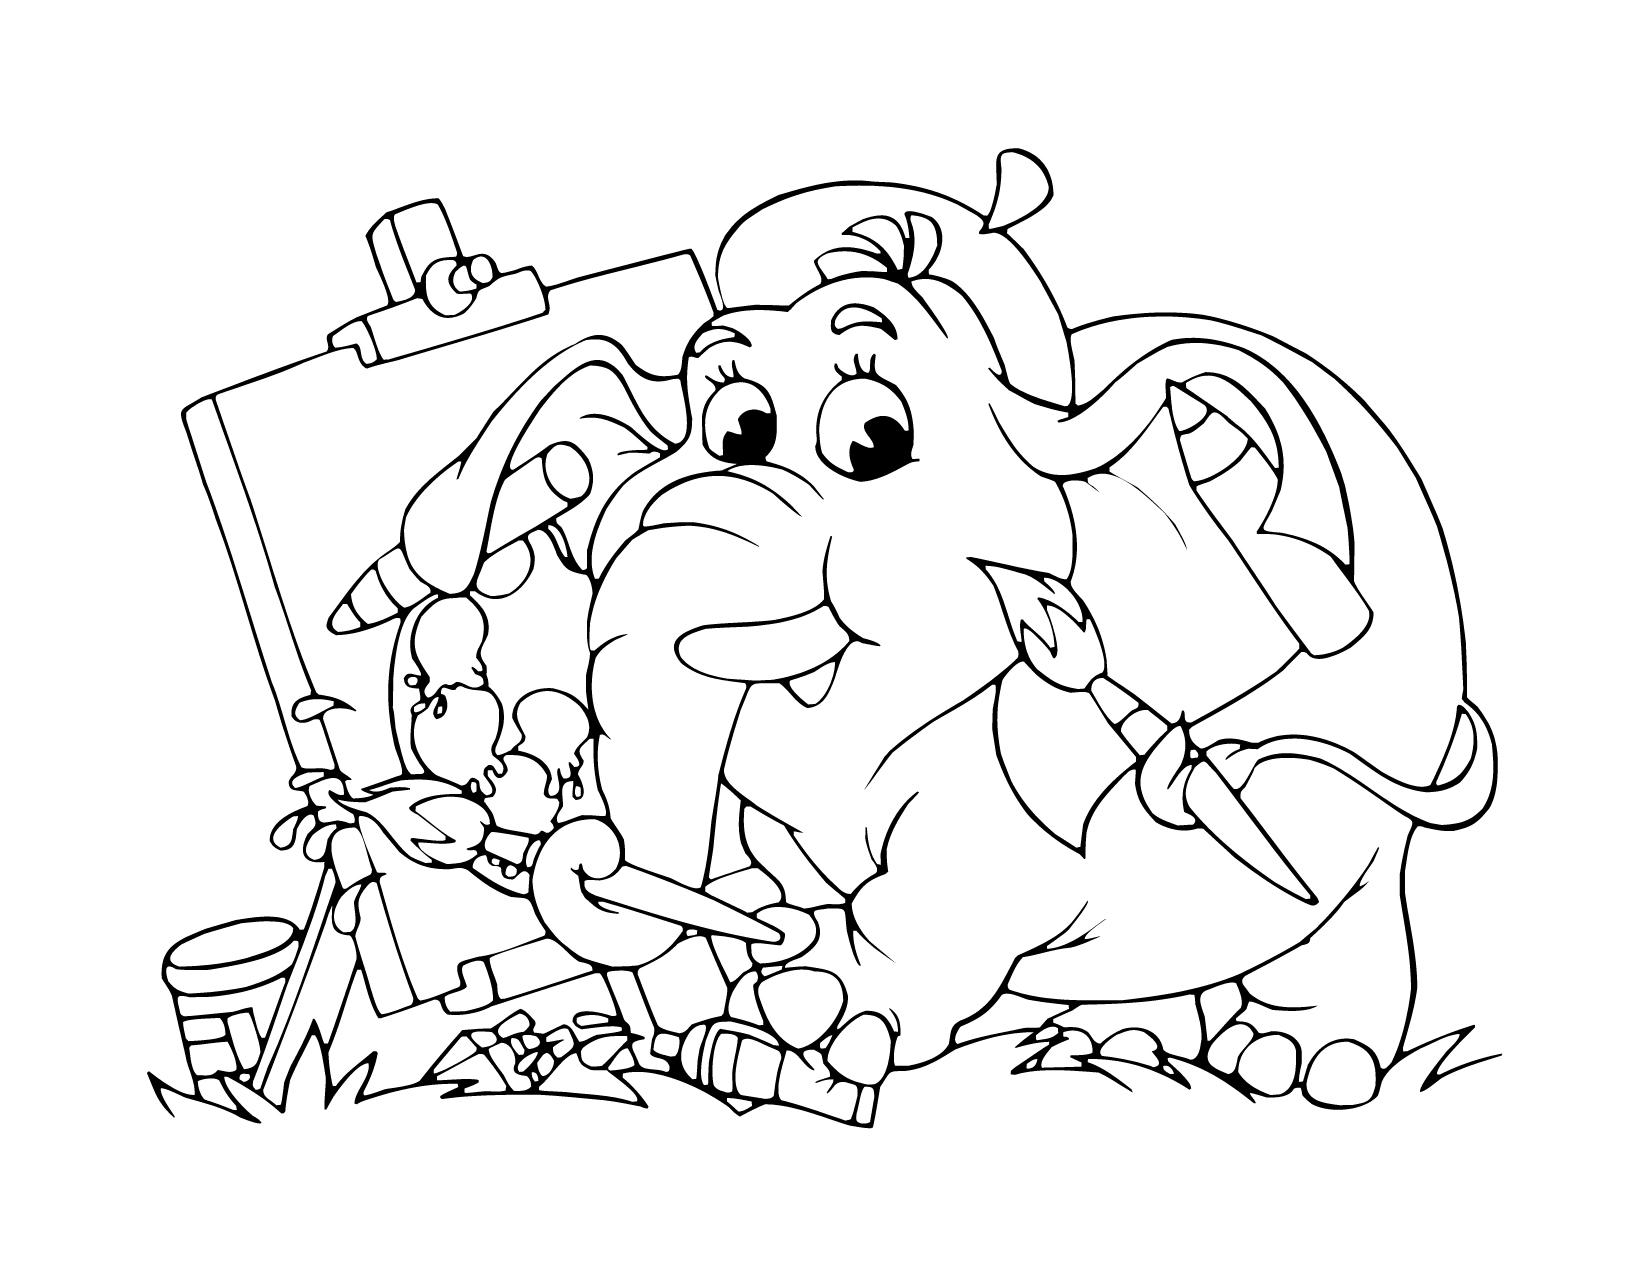 Dessin éléphant artiste pour enfant à imprimer gratuit - Artherapie.ca